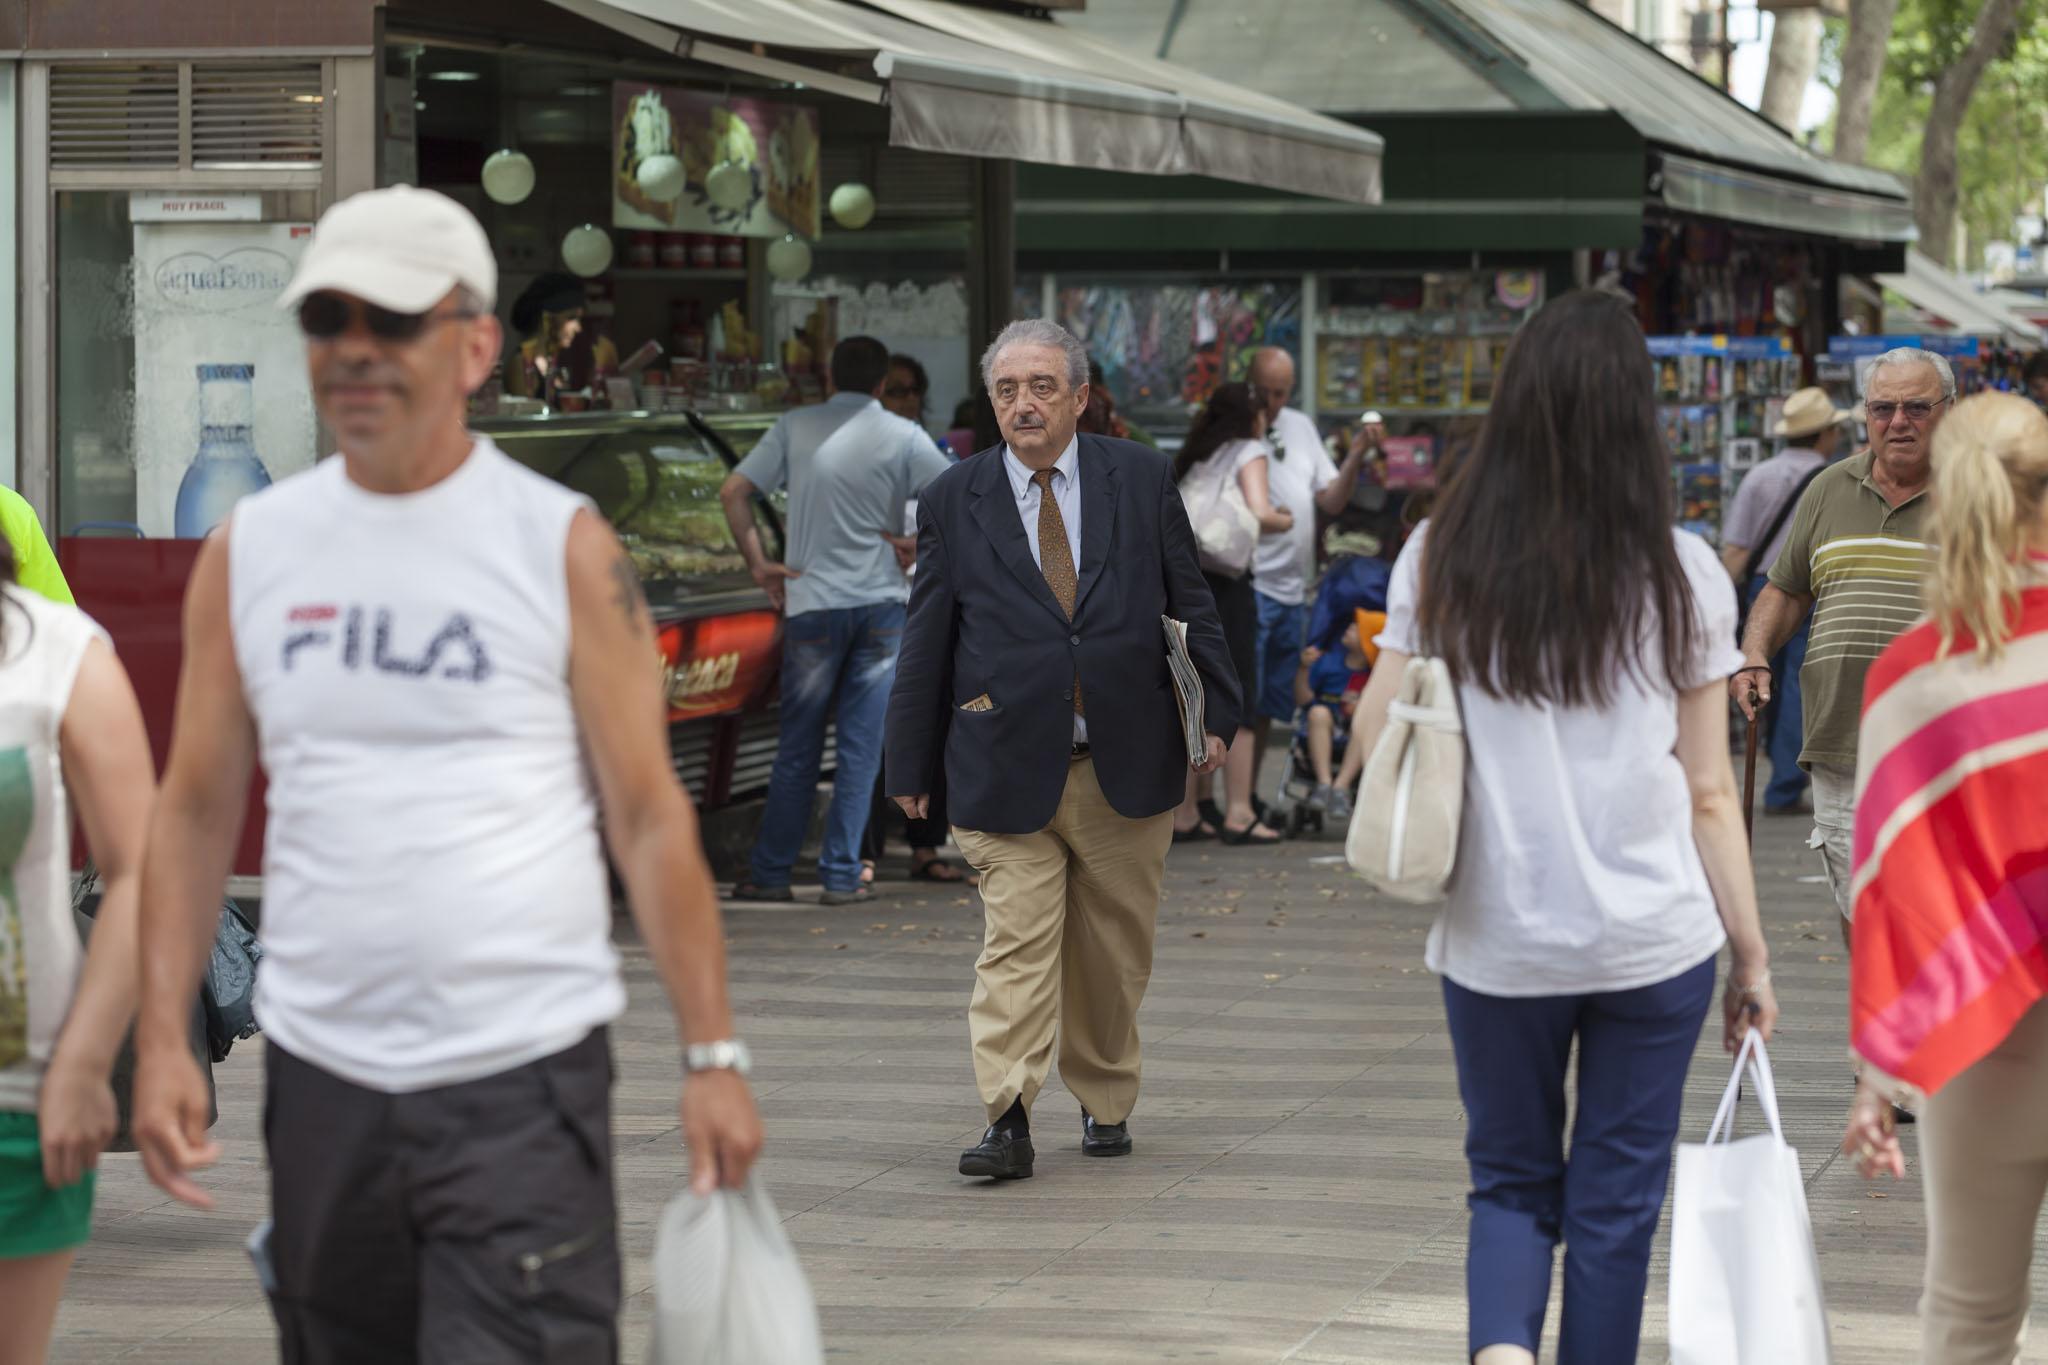 La Rambla, People